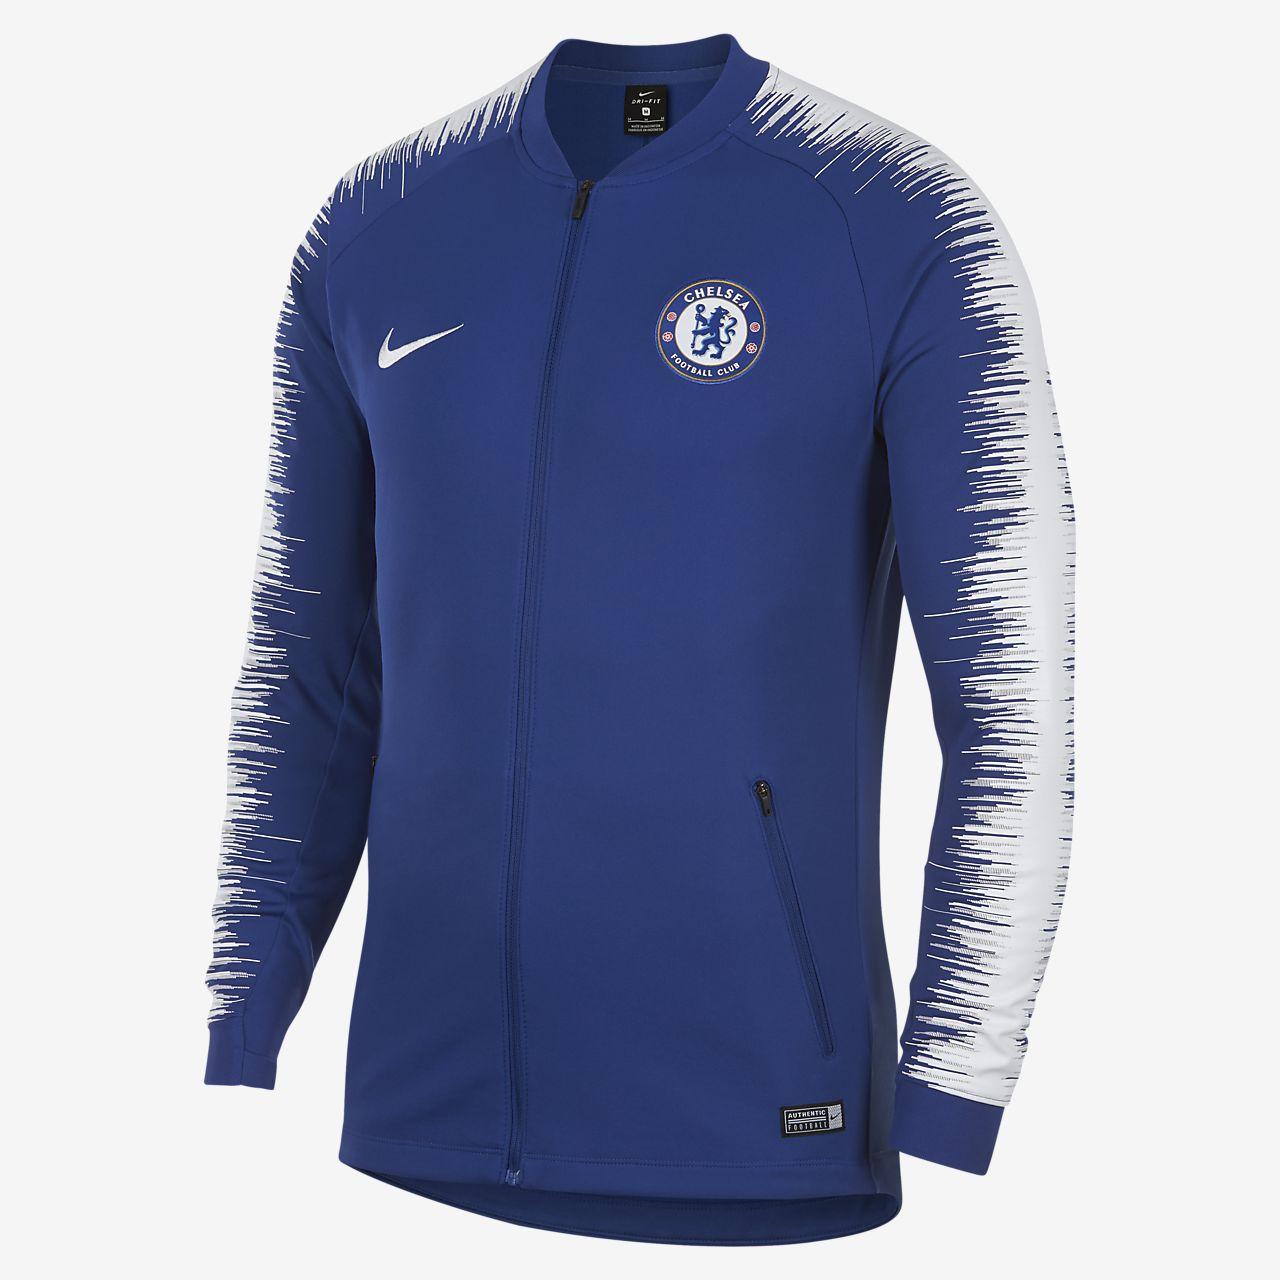 Fr Anthem Fc De Chelsea Pour Football Veste Homme Iwp0qZ4xBx